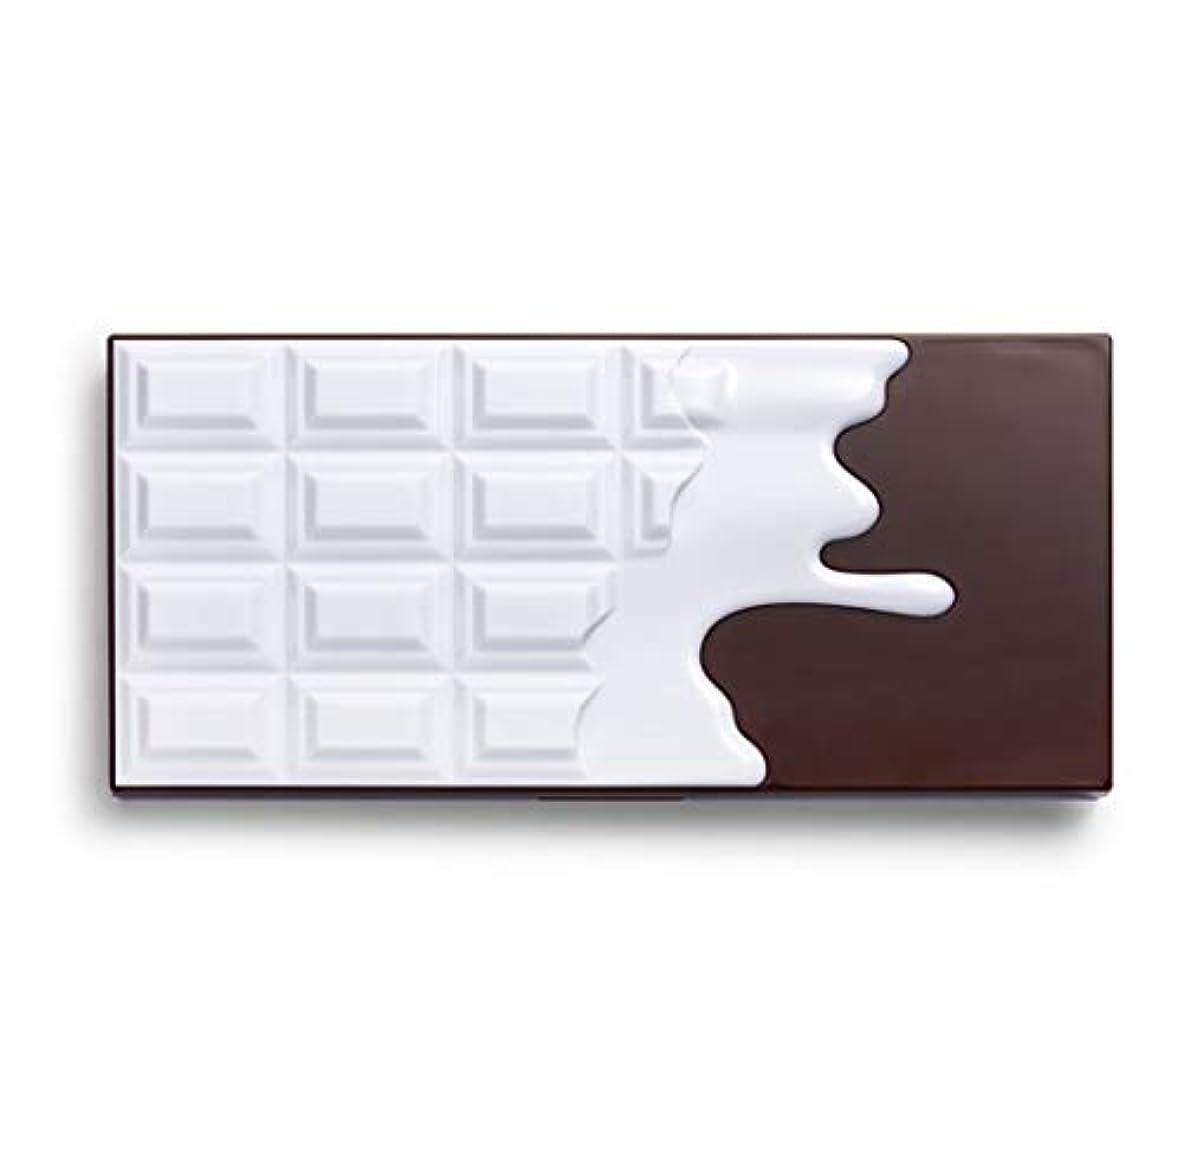 全国詩人けん引メイクアップレボリューション アイラブメイクアップ チョコレート型18色アイシャドウパレット #Smores Chocolate